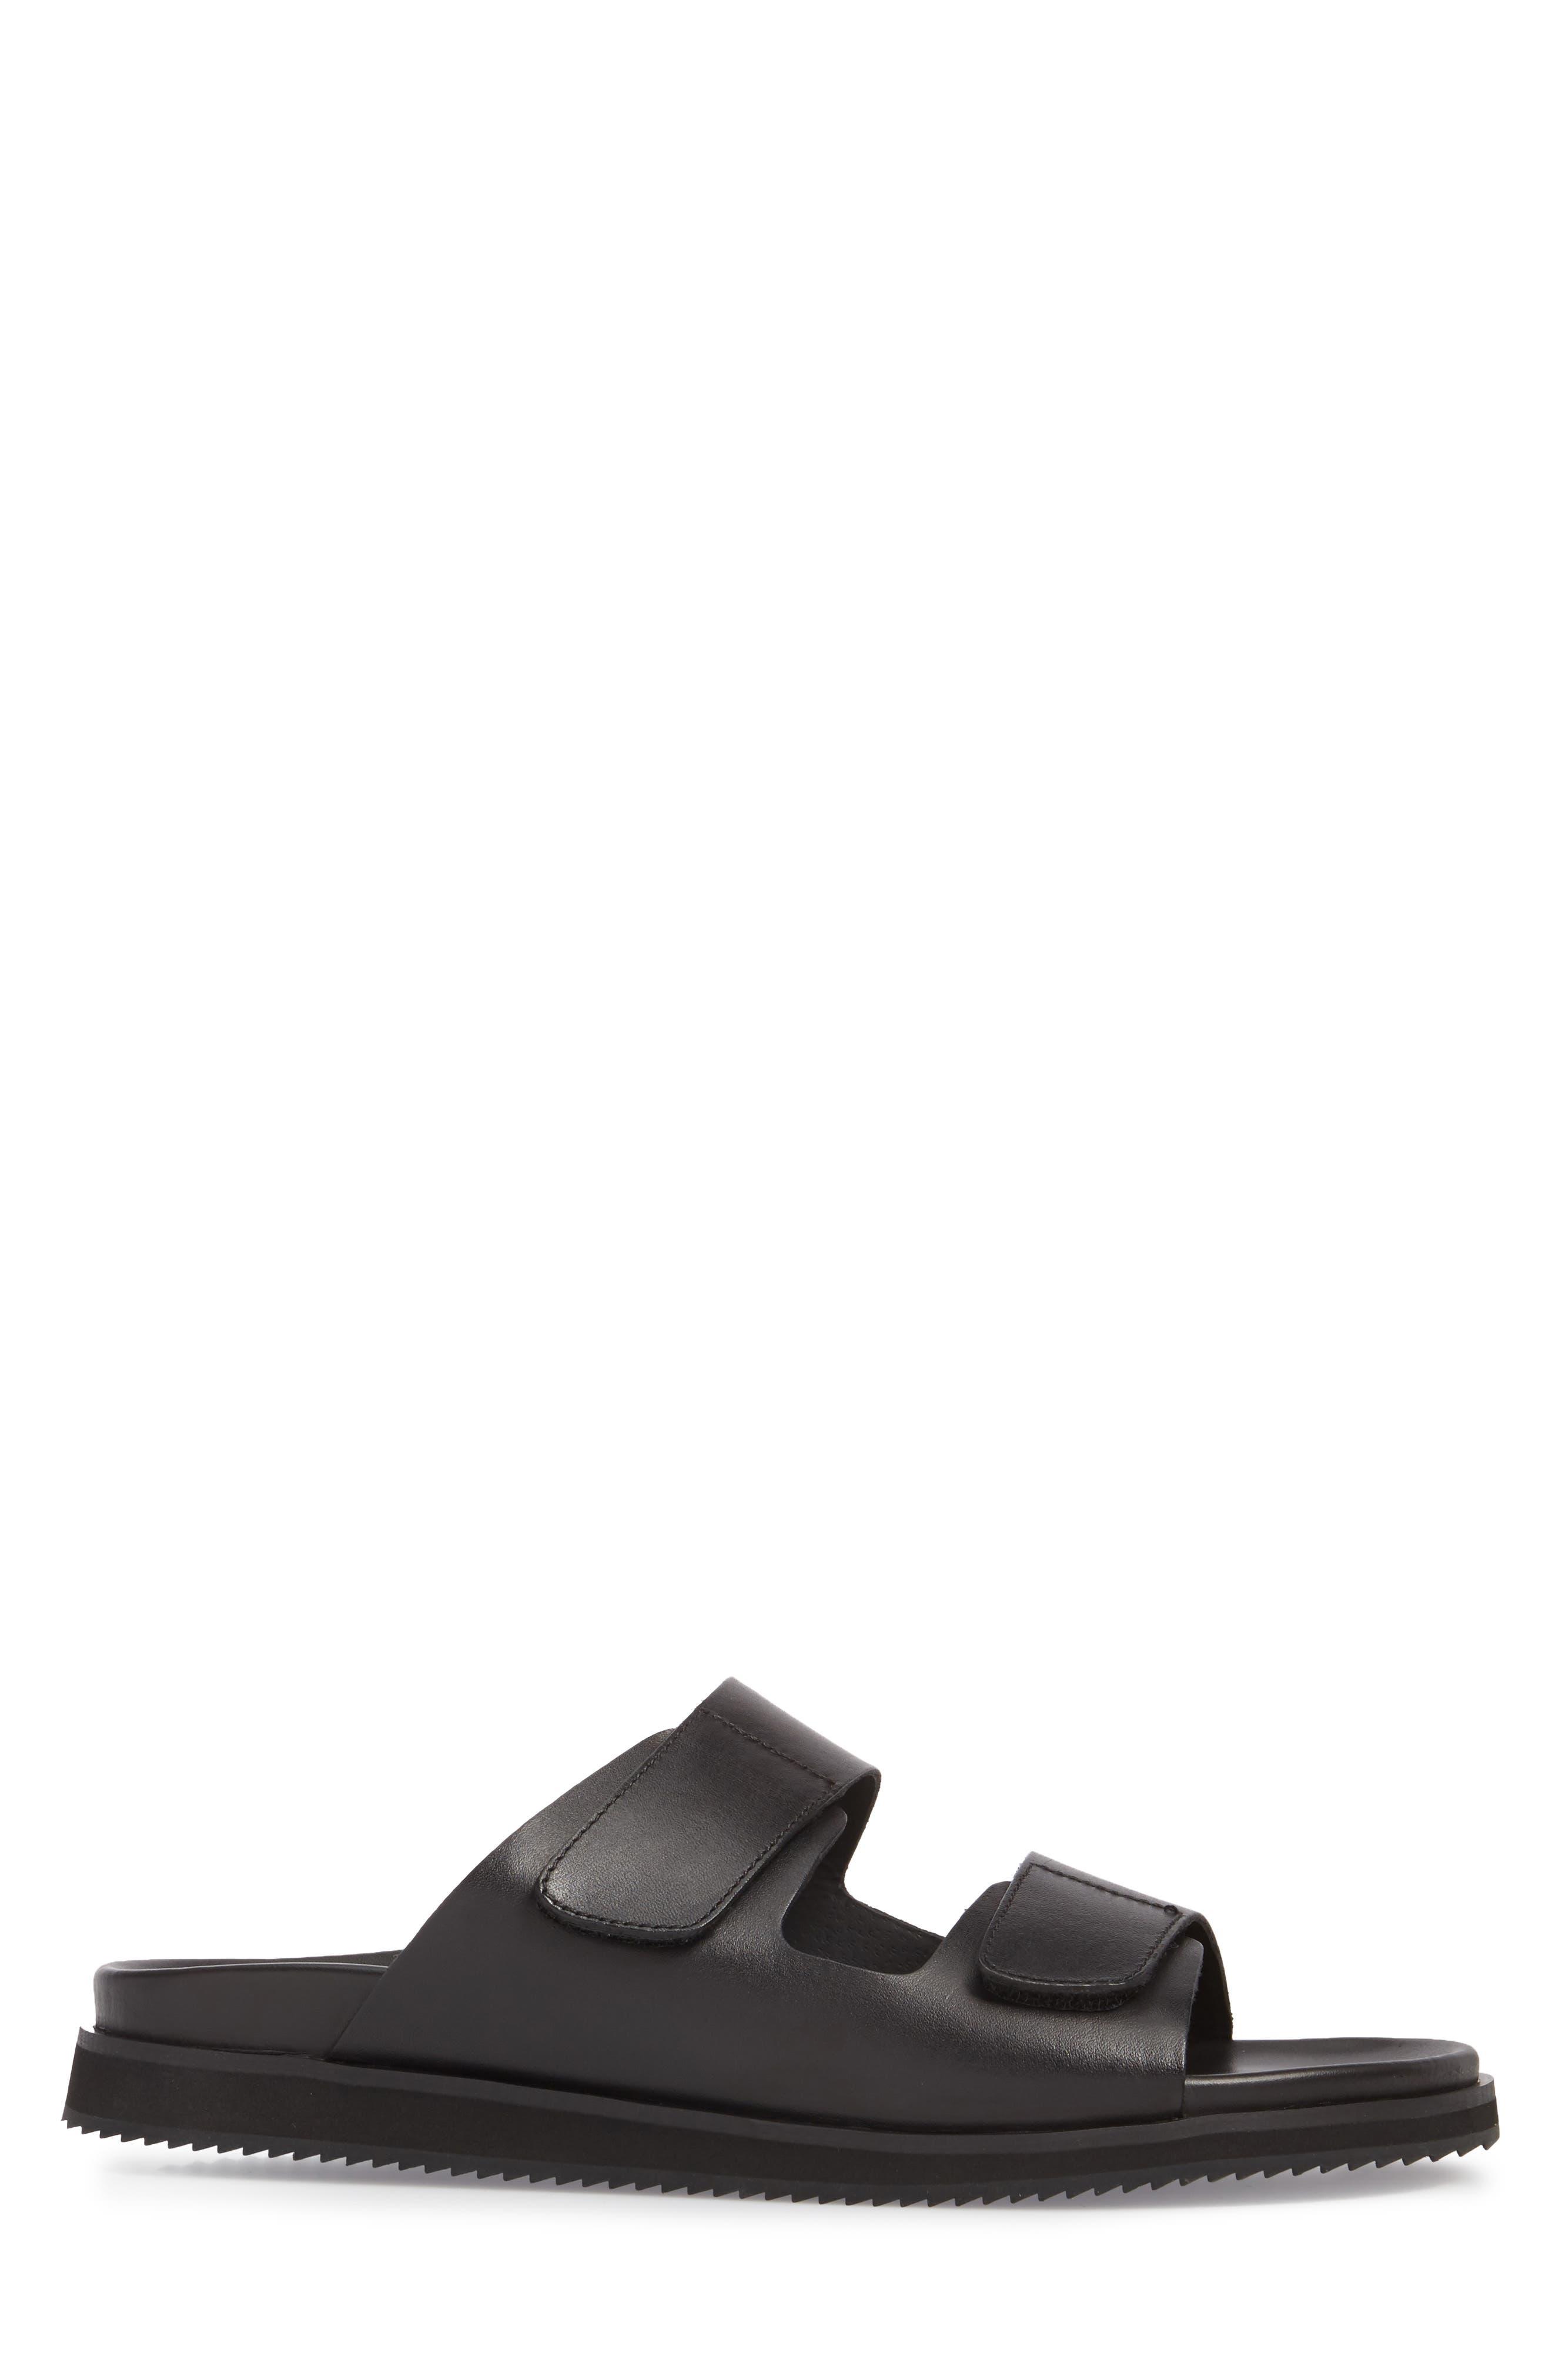 Story Slide Sandal,                             Alternate thumbnail 3, color,                             Black Leather